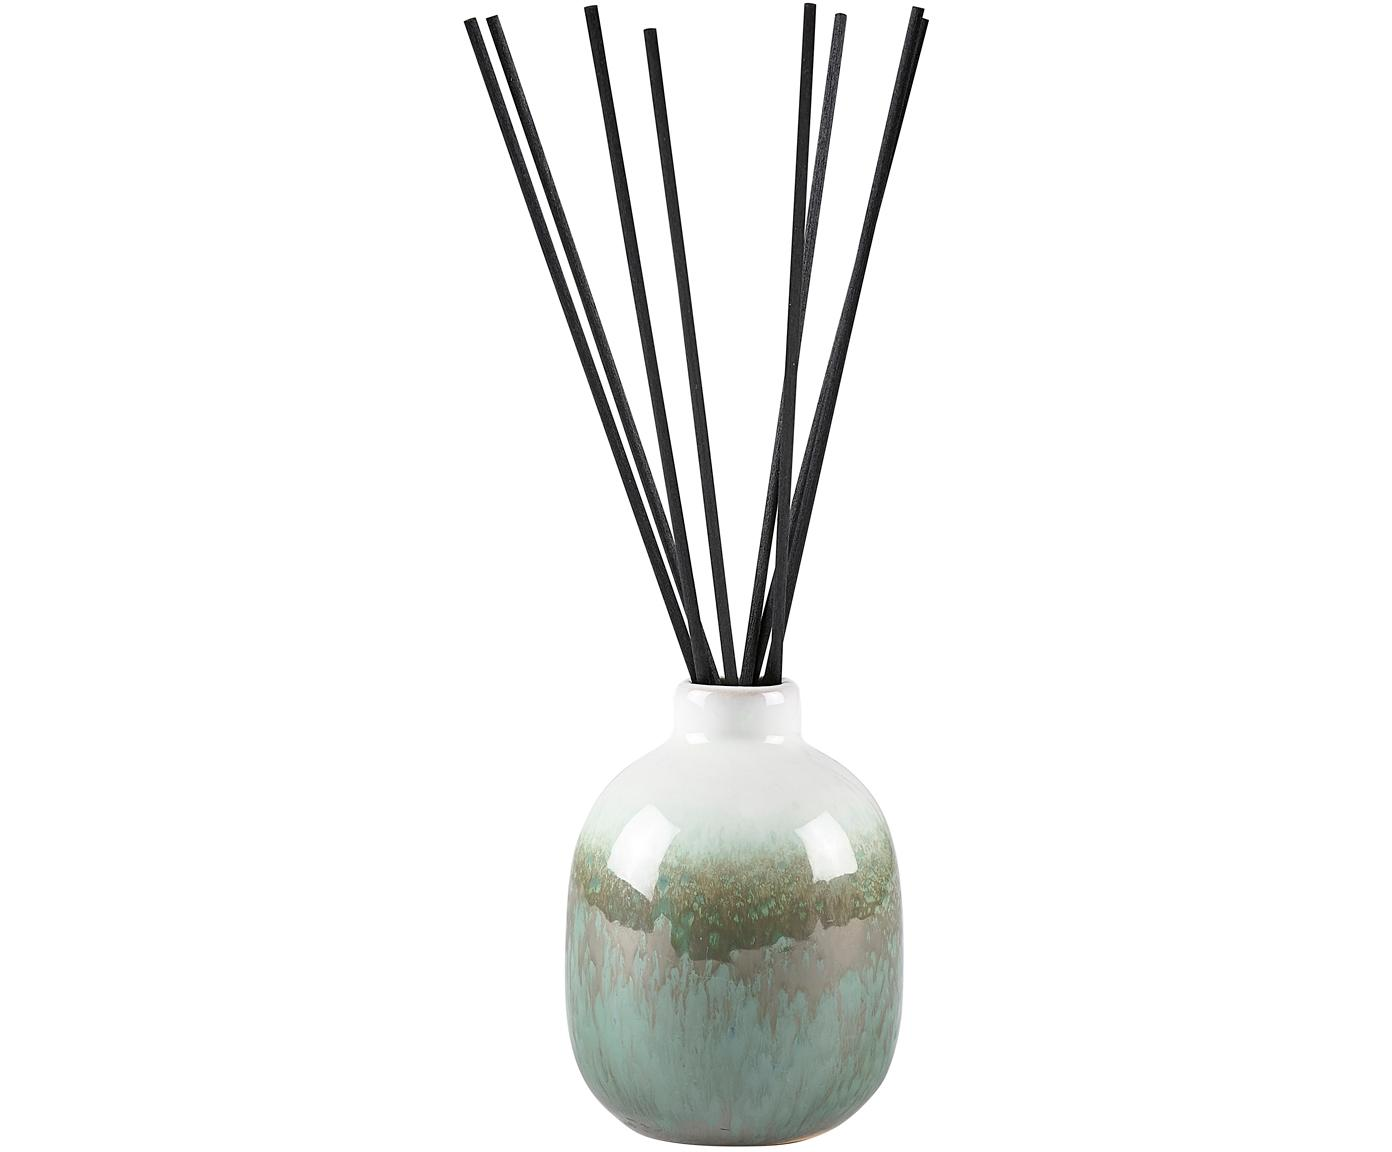 Diffuser Cactus Blossom, Houder: keramiek, Groentinten, beige, wit, Ø 7 x H 10 cm